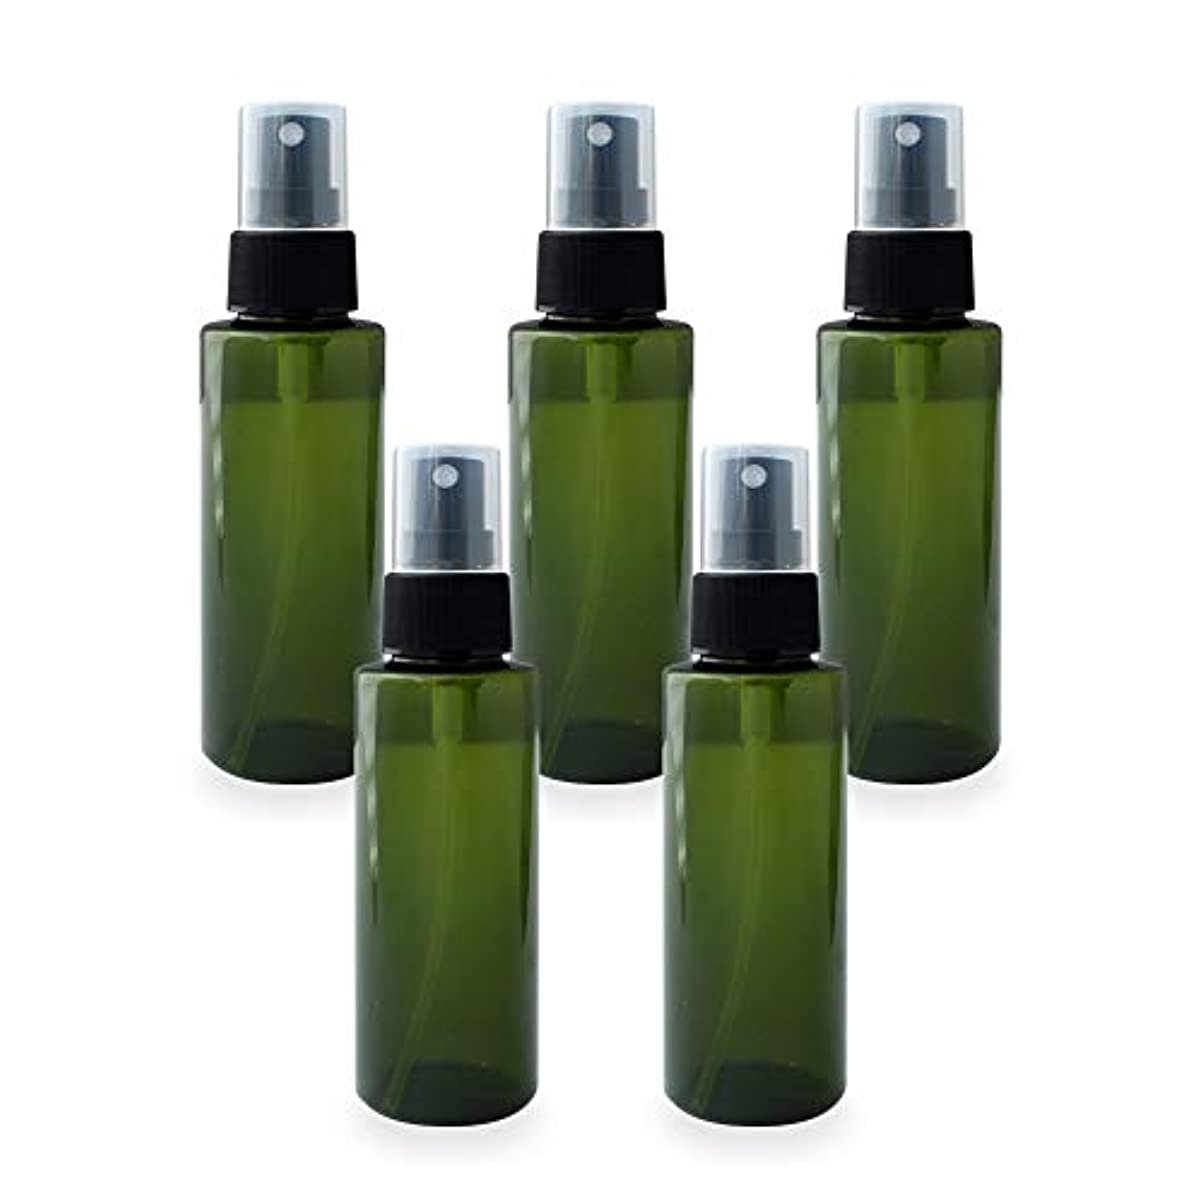 スプレーボトル100ml×5本セット(グリーン)(プラスチック容器 オイル用空瓶 プラスチック製-PET 空ボトル アロマスプレー)